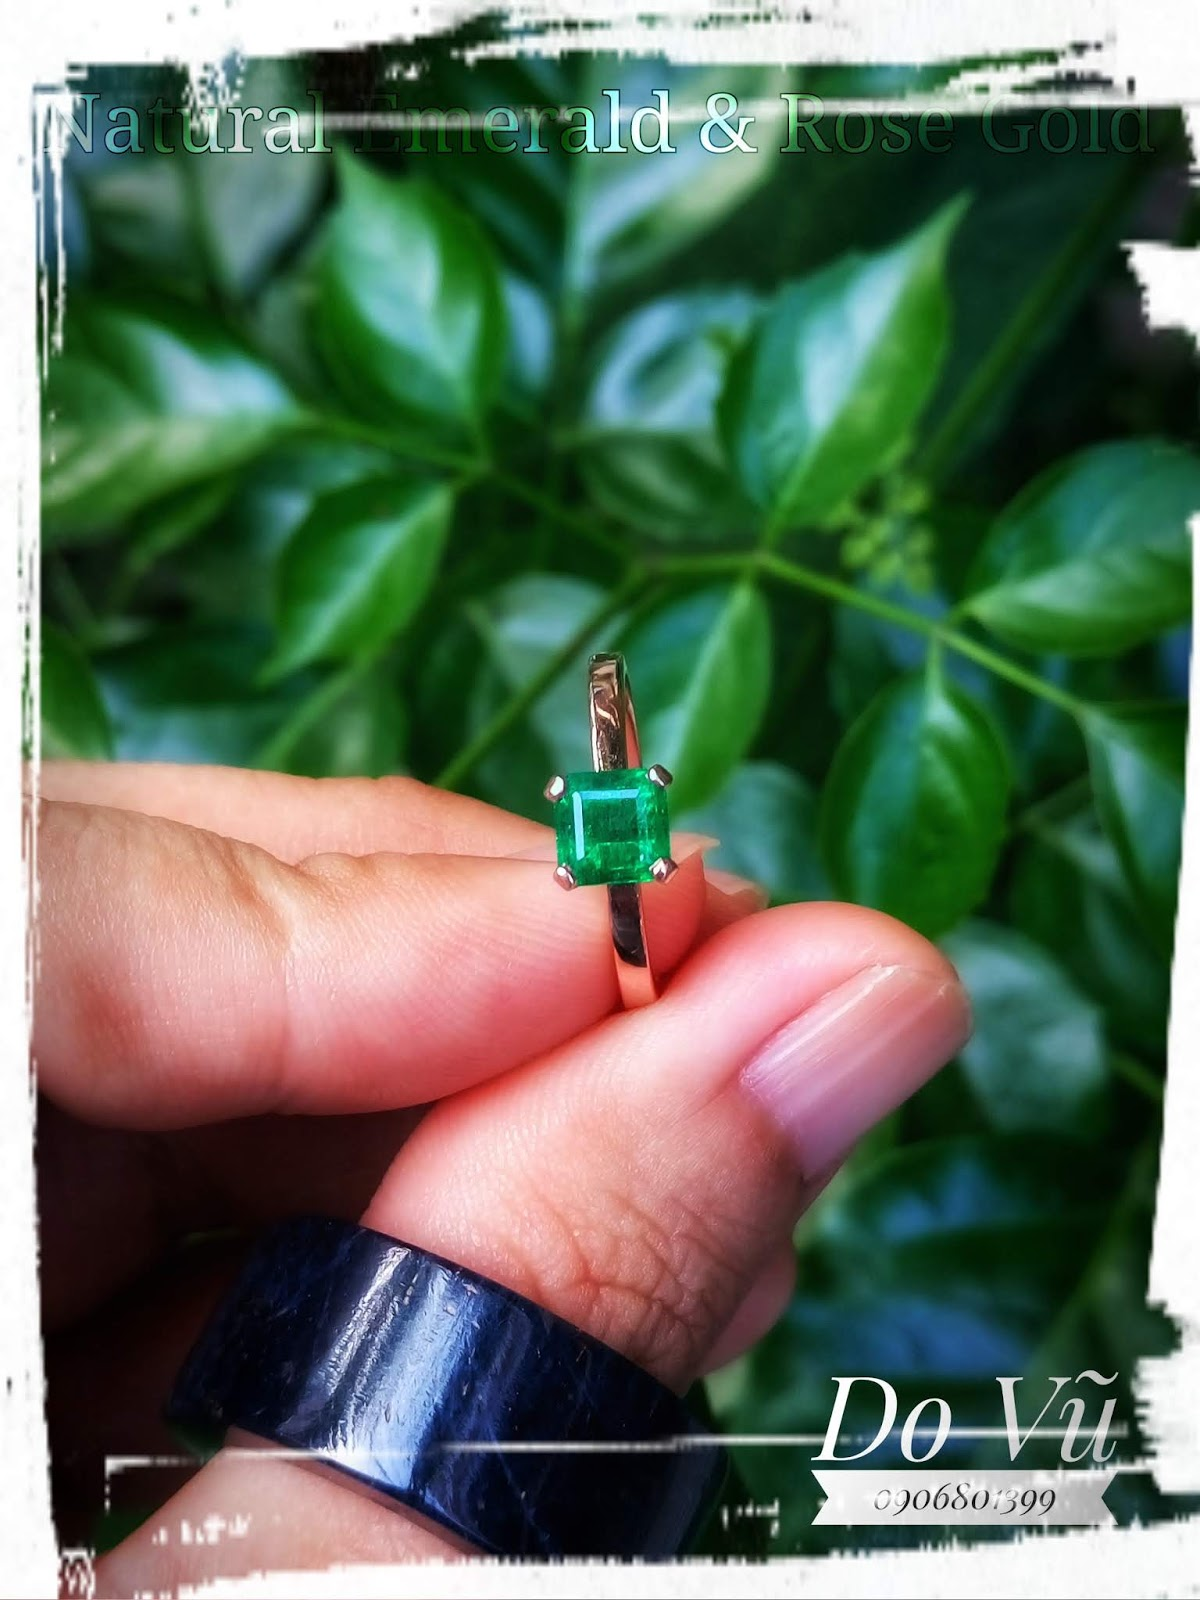 Nhẫn đá quý Ngọc Lục Bảo thiên nhiên, Natural Emerald Colombia xanh nước nhất & vàng hồng(18/04/20, 01)